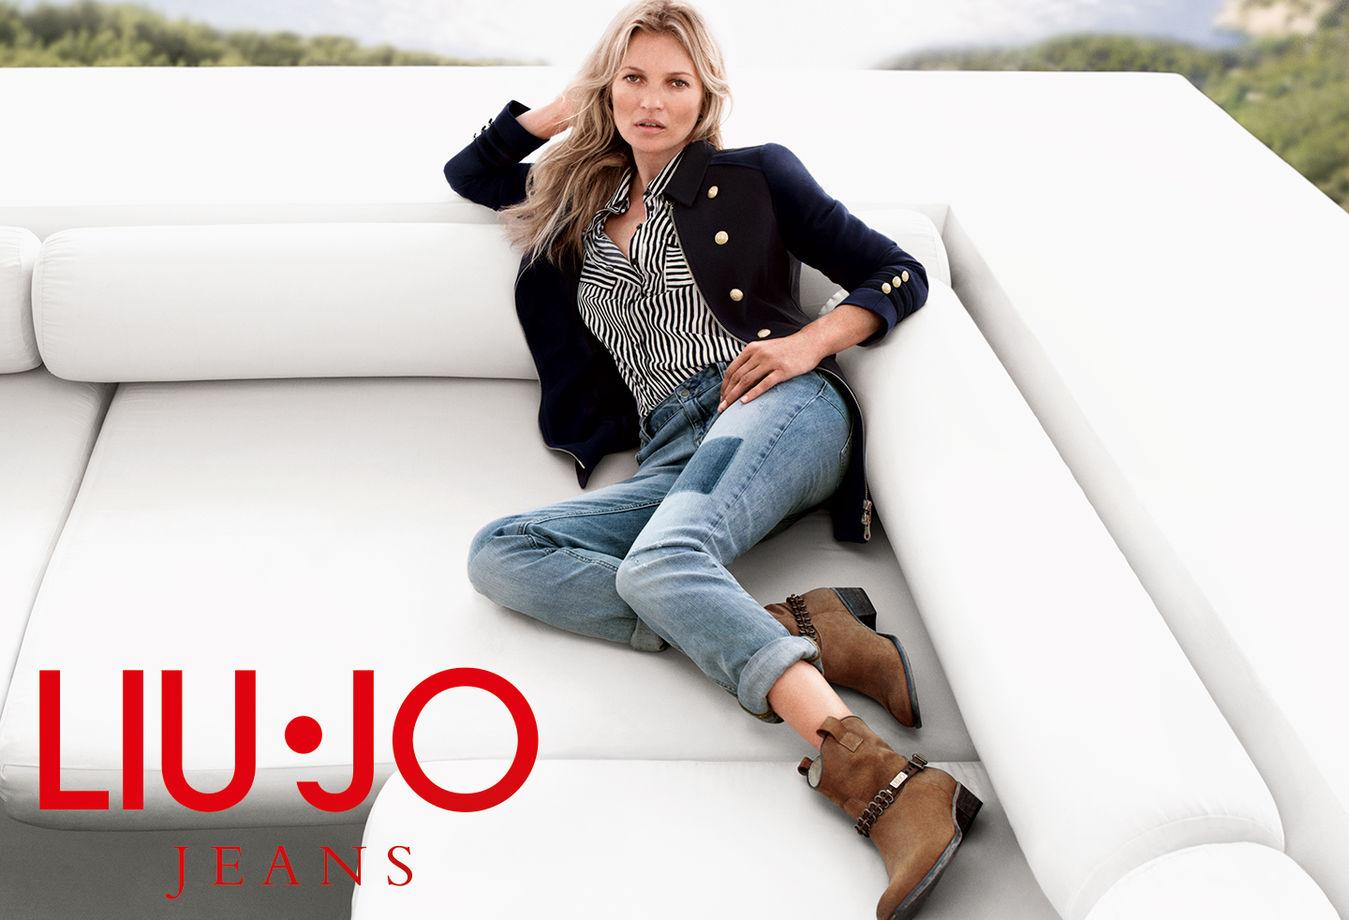 年销售额达到3.775亿欧元,意大利时尚品牌 Liu Jo 联合创始人谈最新发展策略